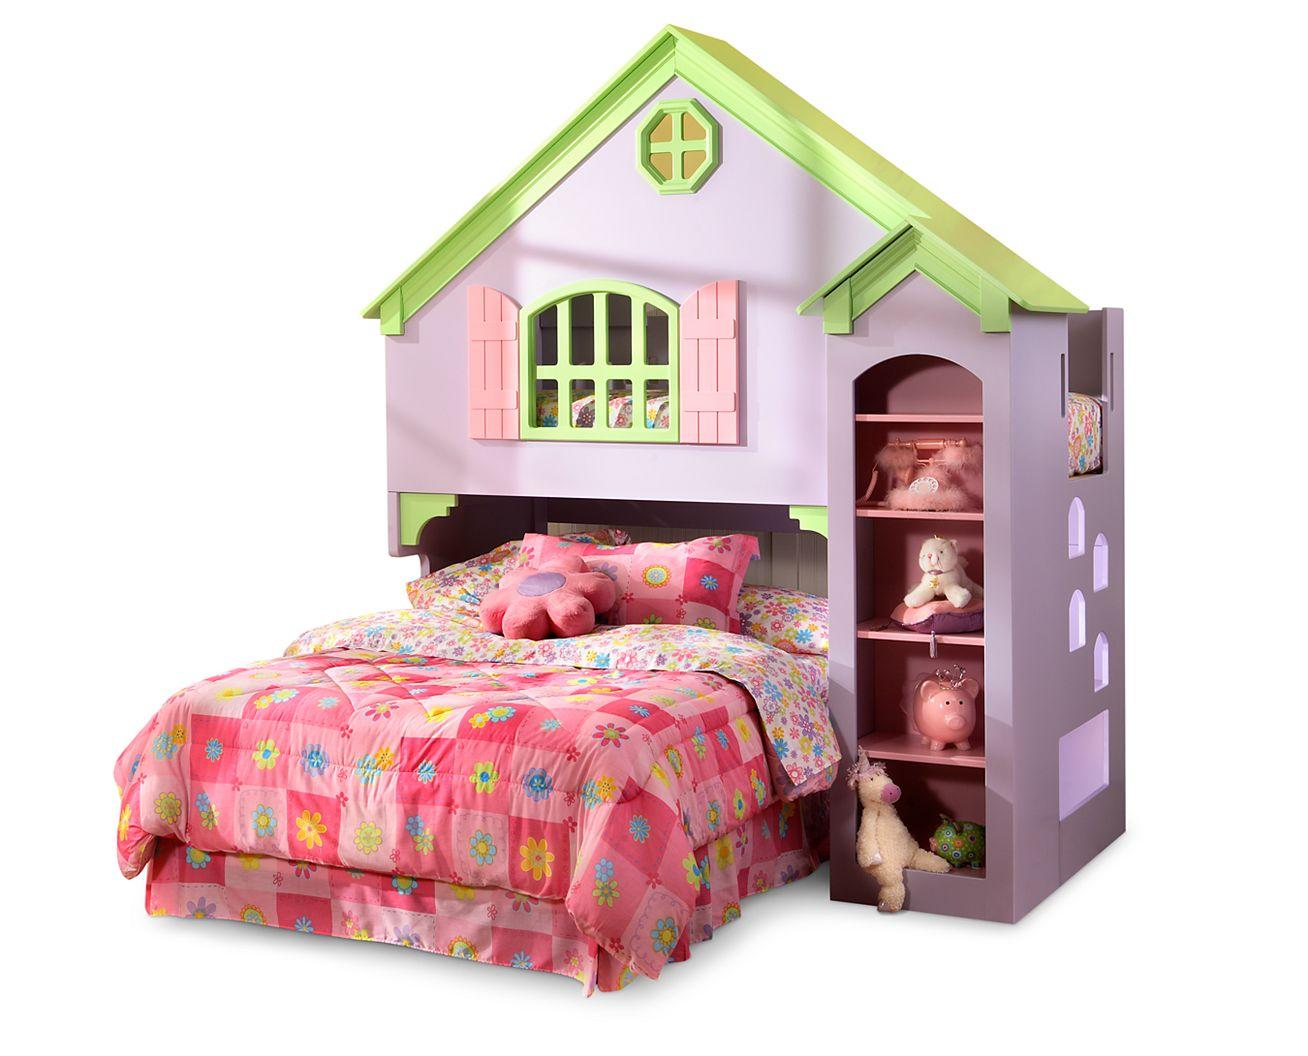 Furniture Row Bunk Beds | Latitudebrowser